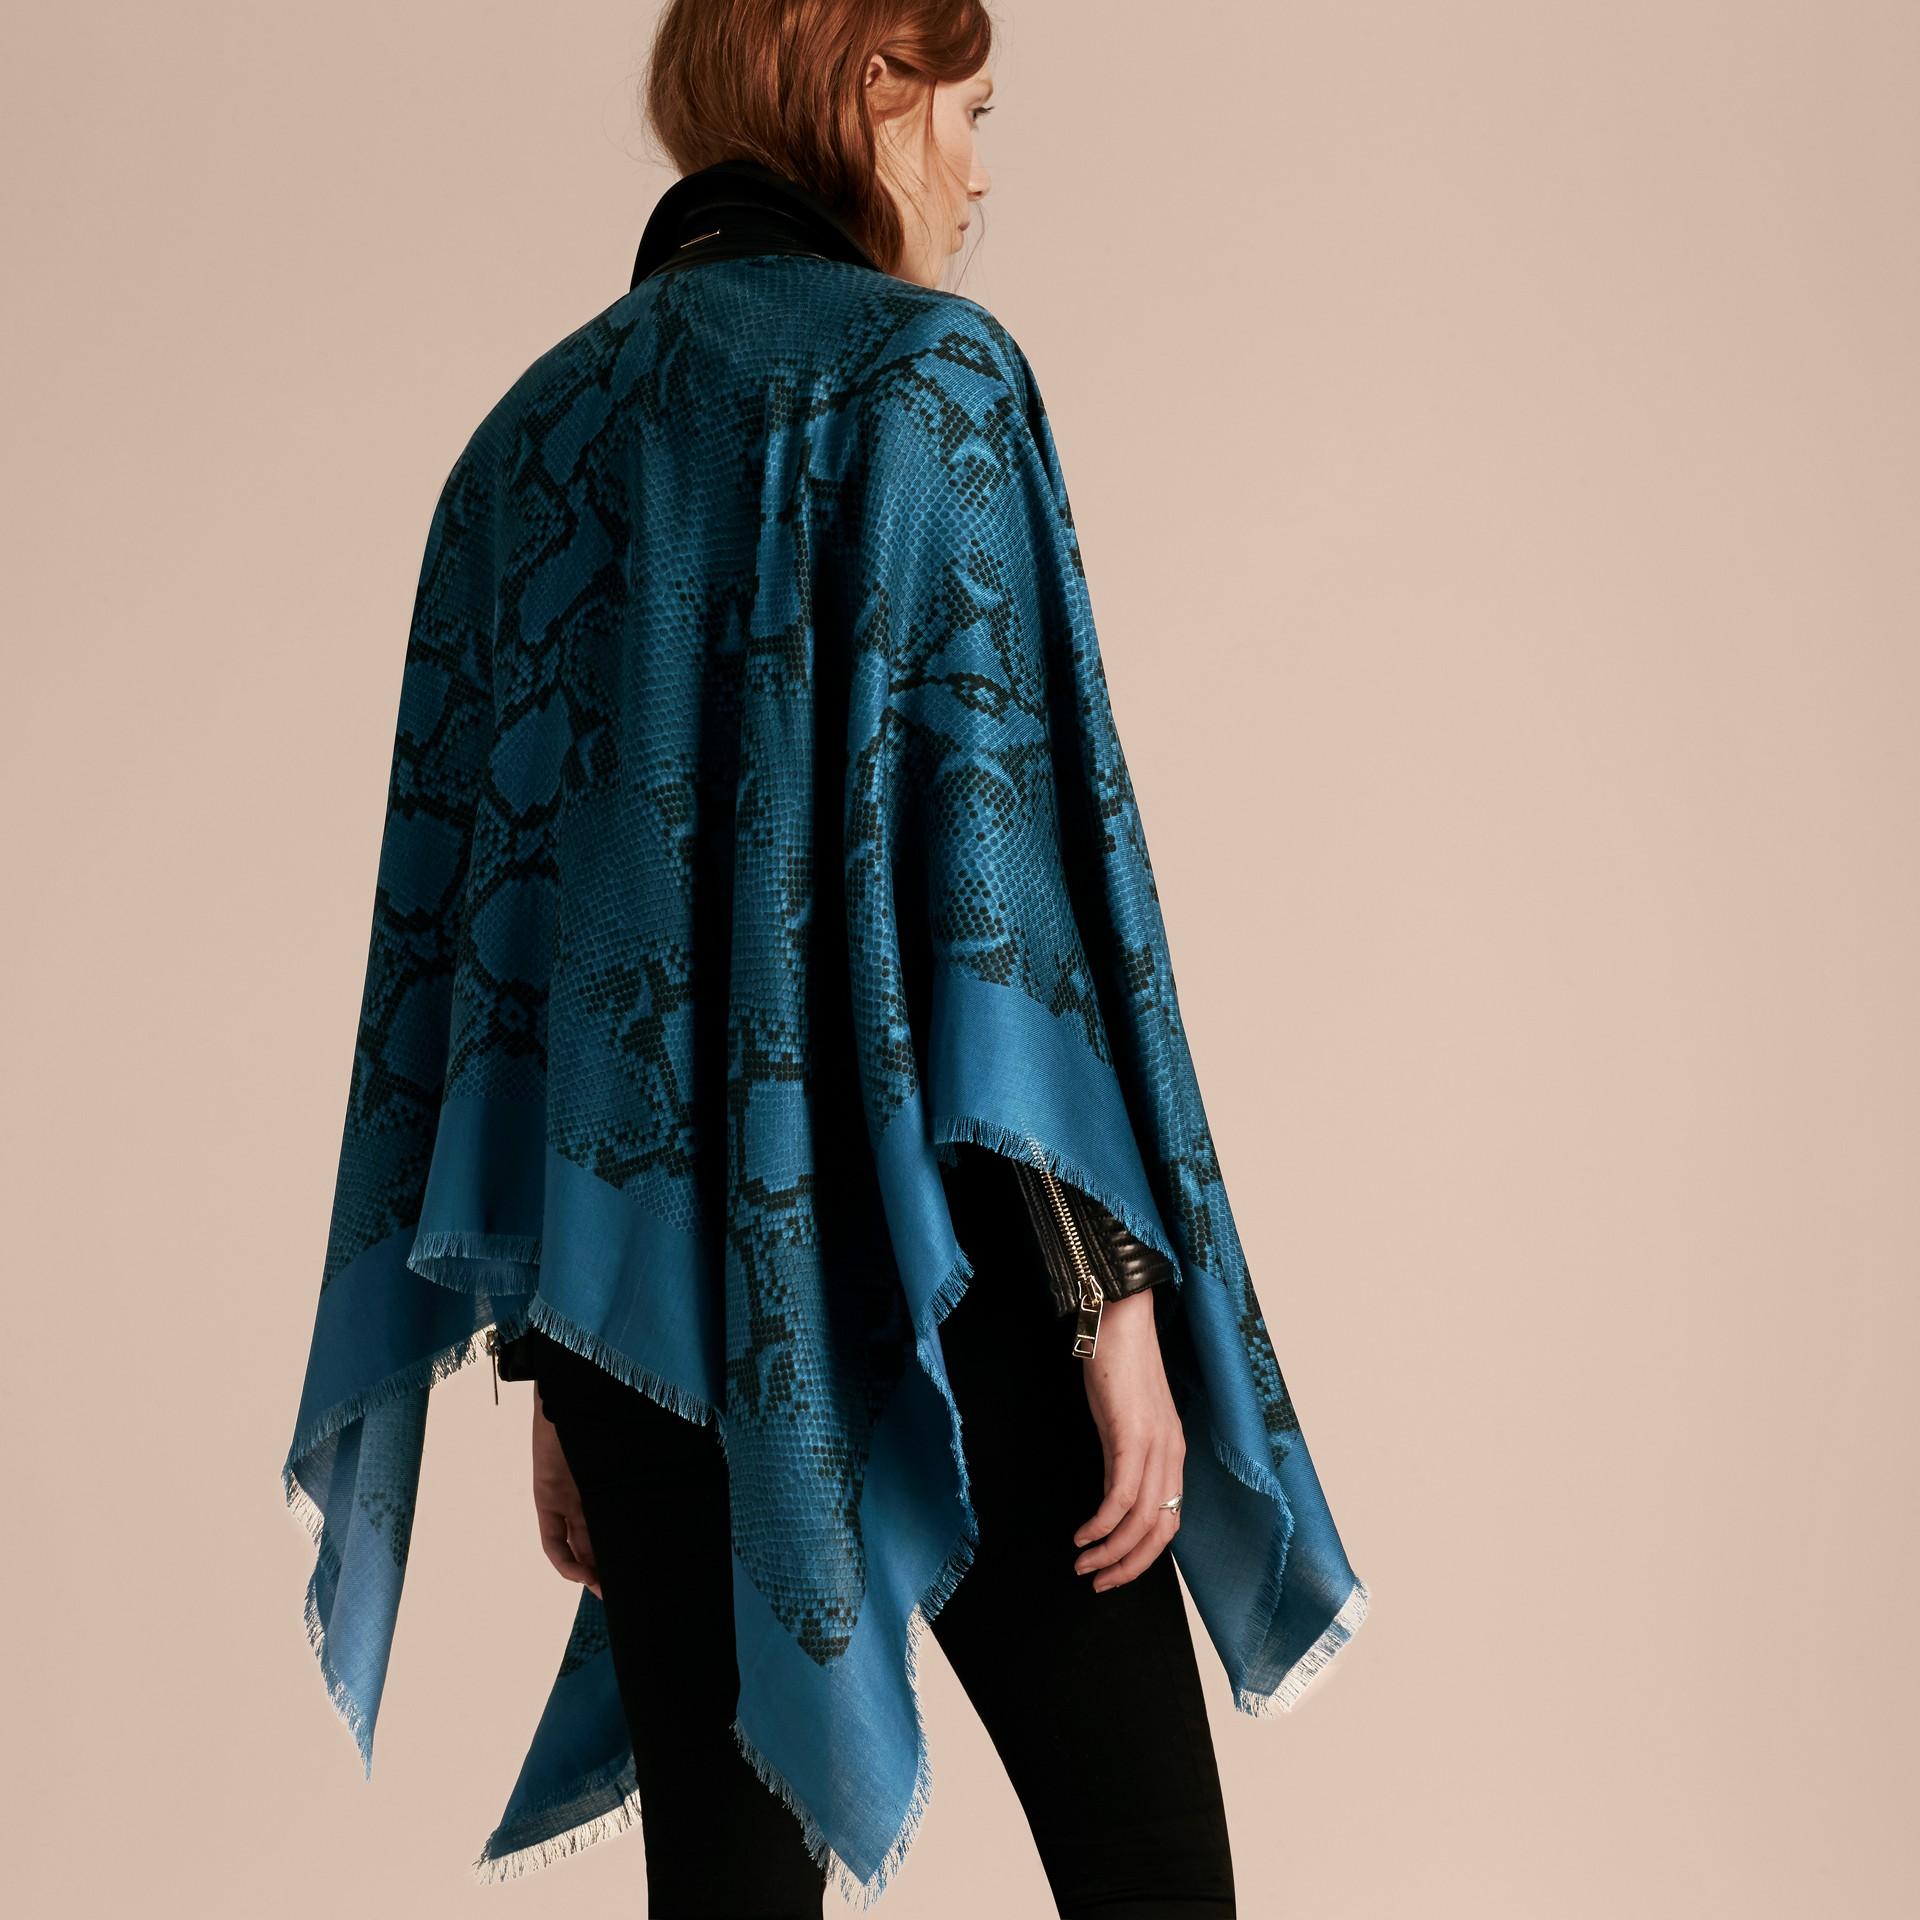 Blu minerale Poncho leggero in misto lana, cashmere e seta con stampa pitone Blu Minerale - immagine della galleria 6